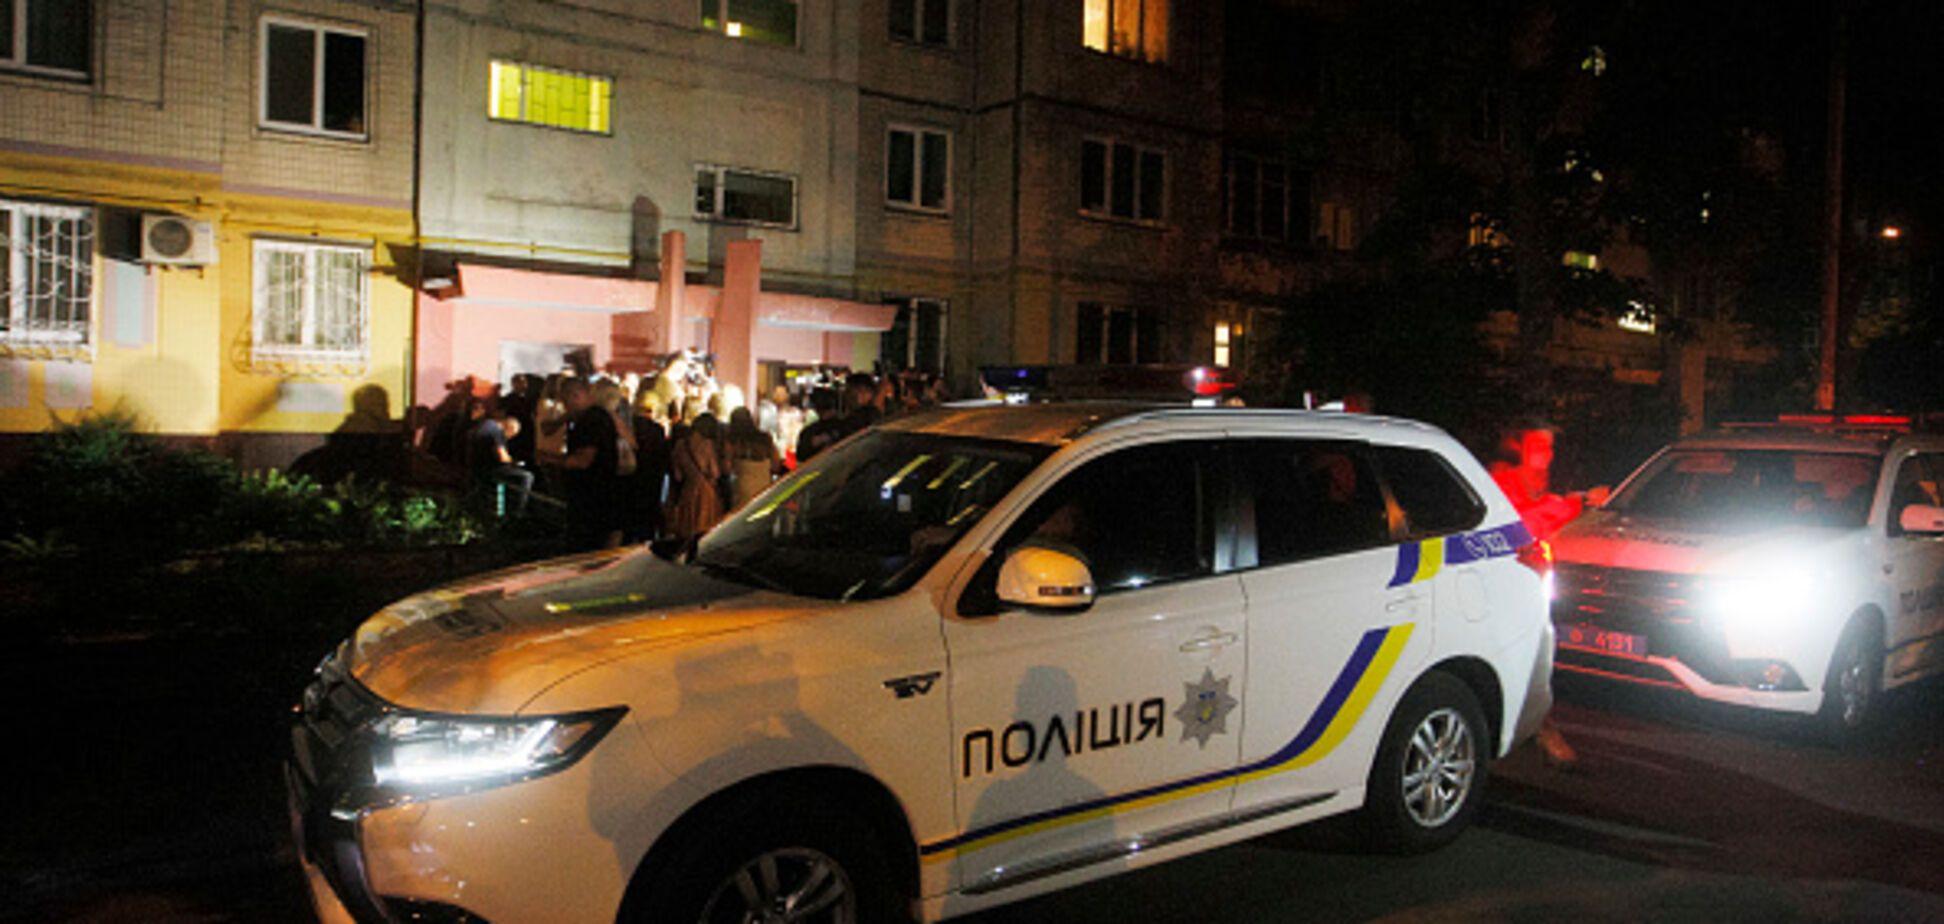 Искали его дом: соседи Бабченко сообщили о подозрительном авто